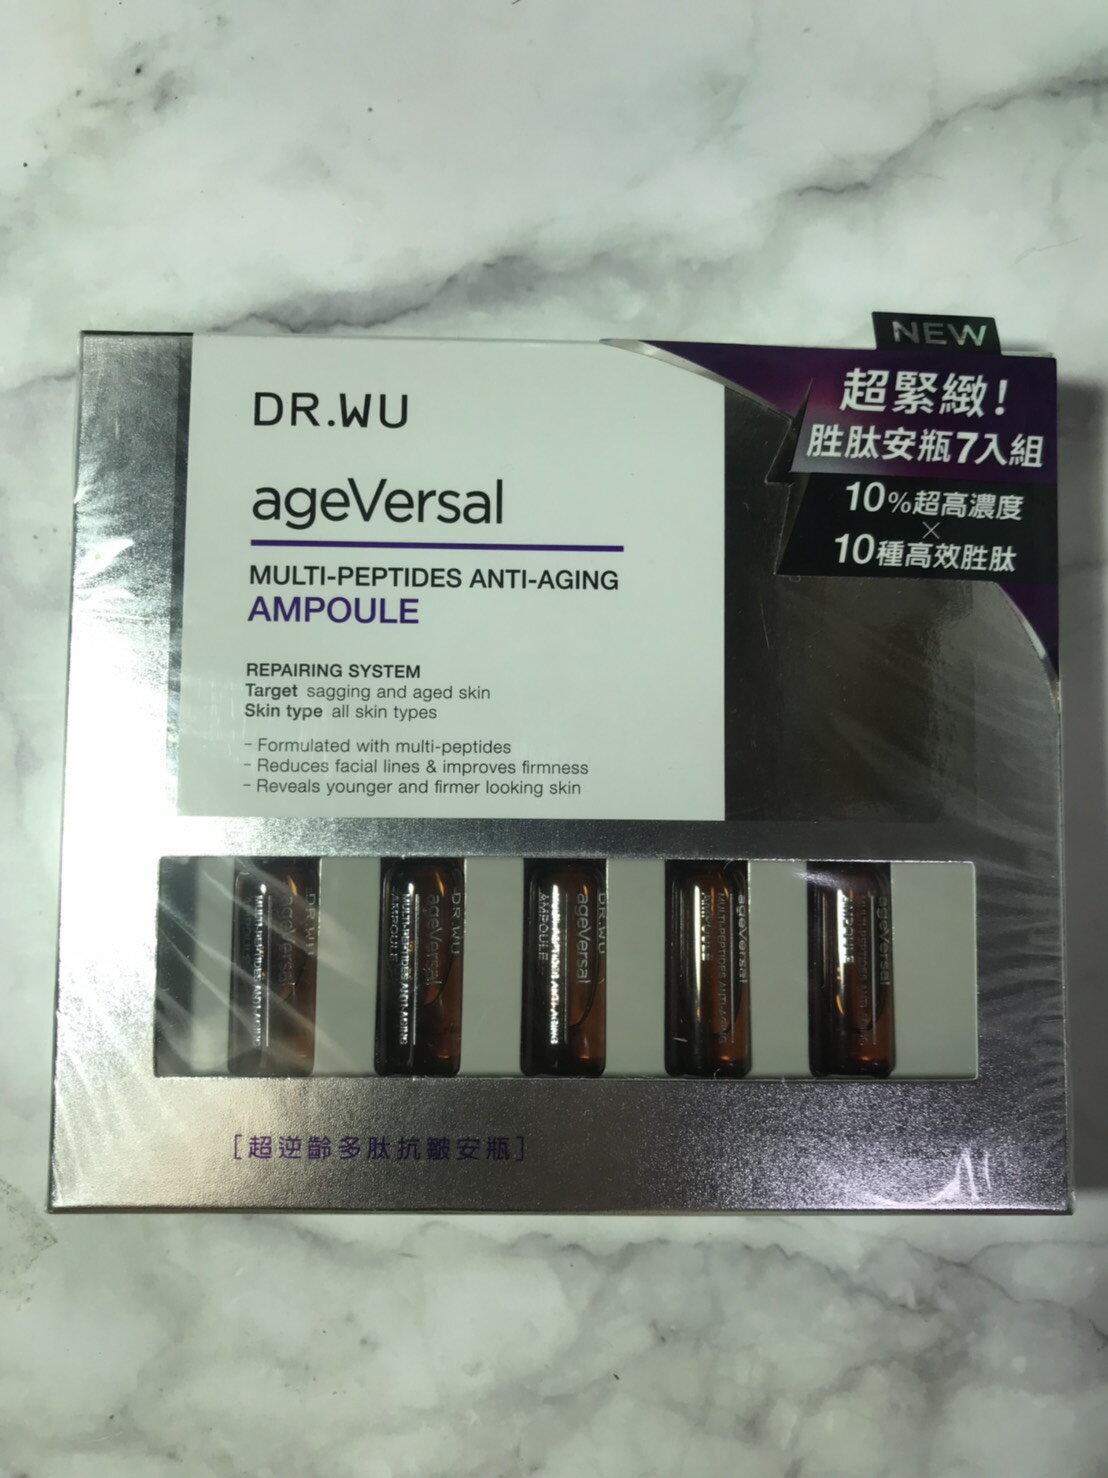 【DR. WU】超逆齡多肽抗皺安瓶1.5ML*7PCS  效期2021.11【淨妍美肌】